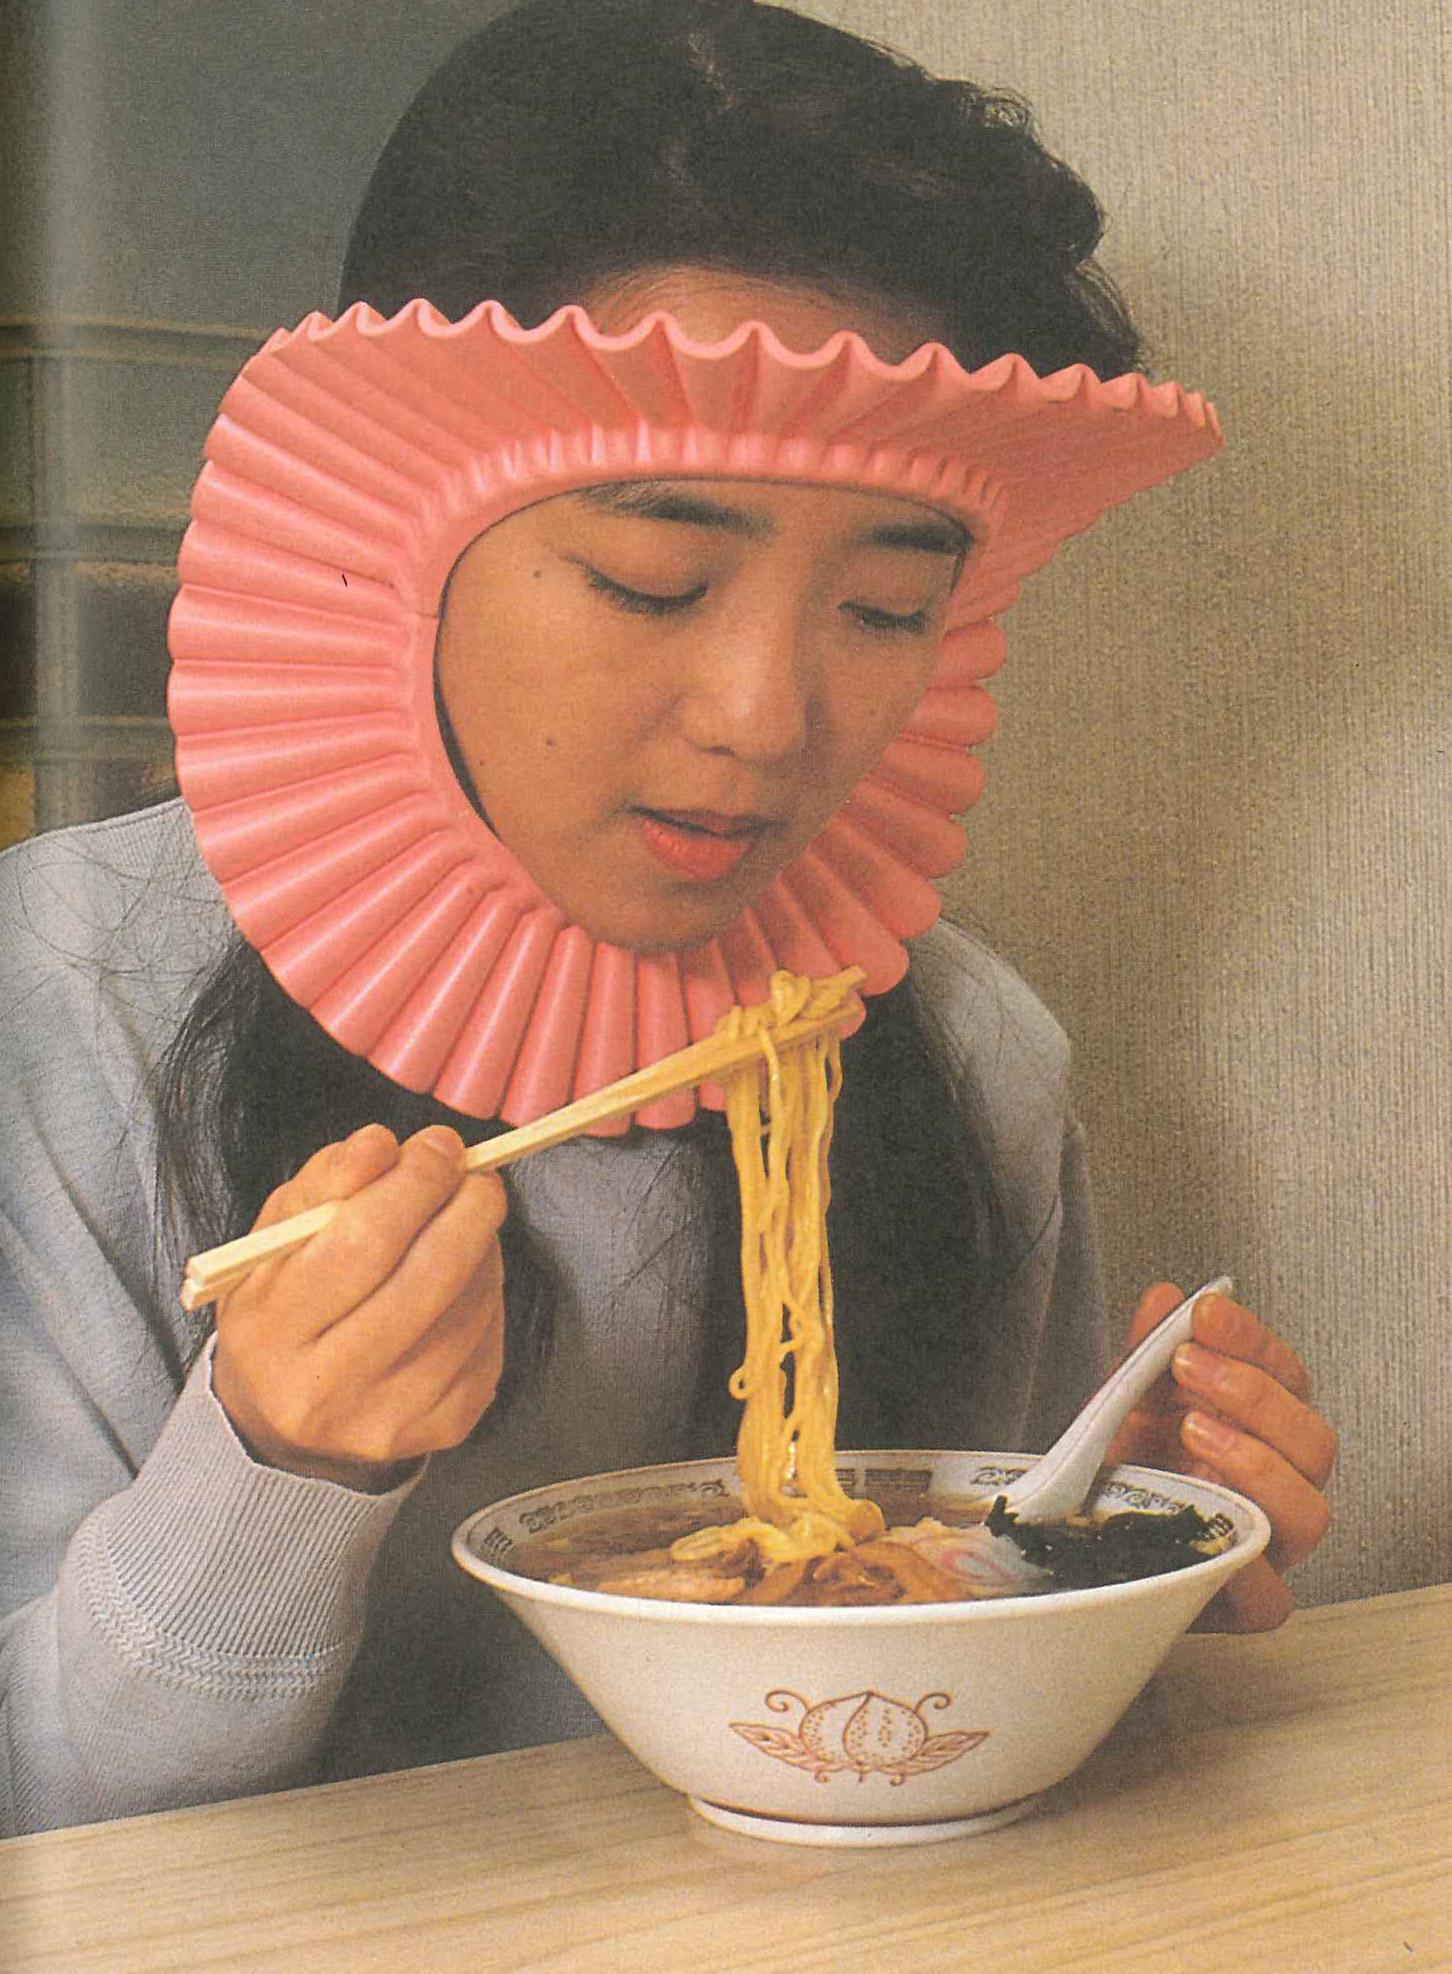 Noodle splash guard